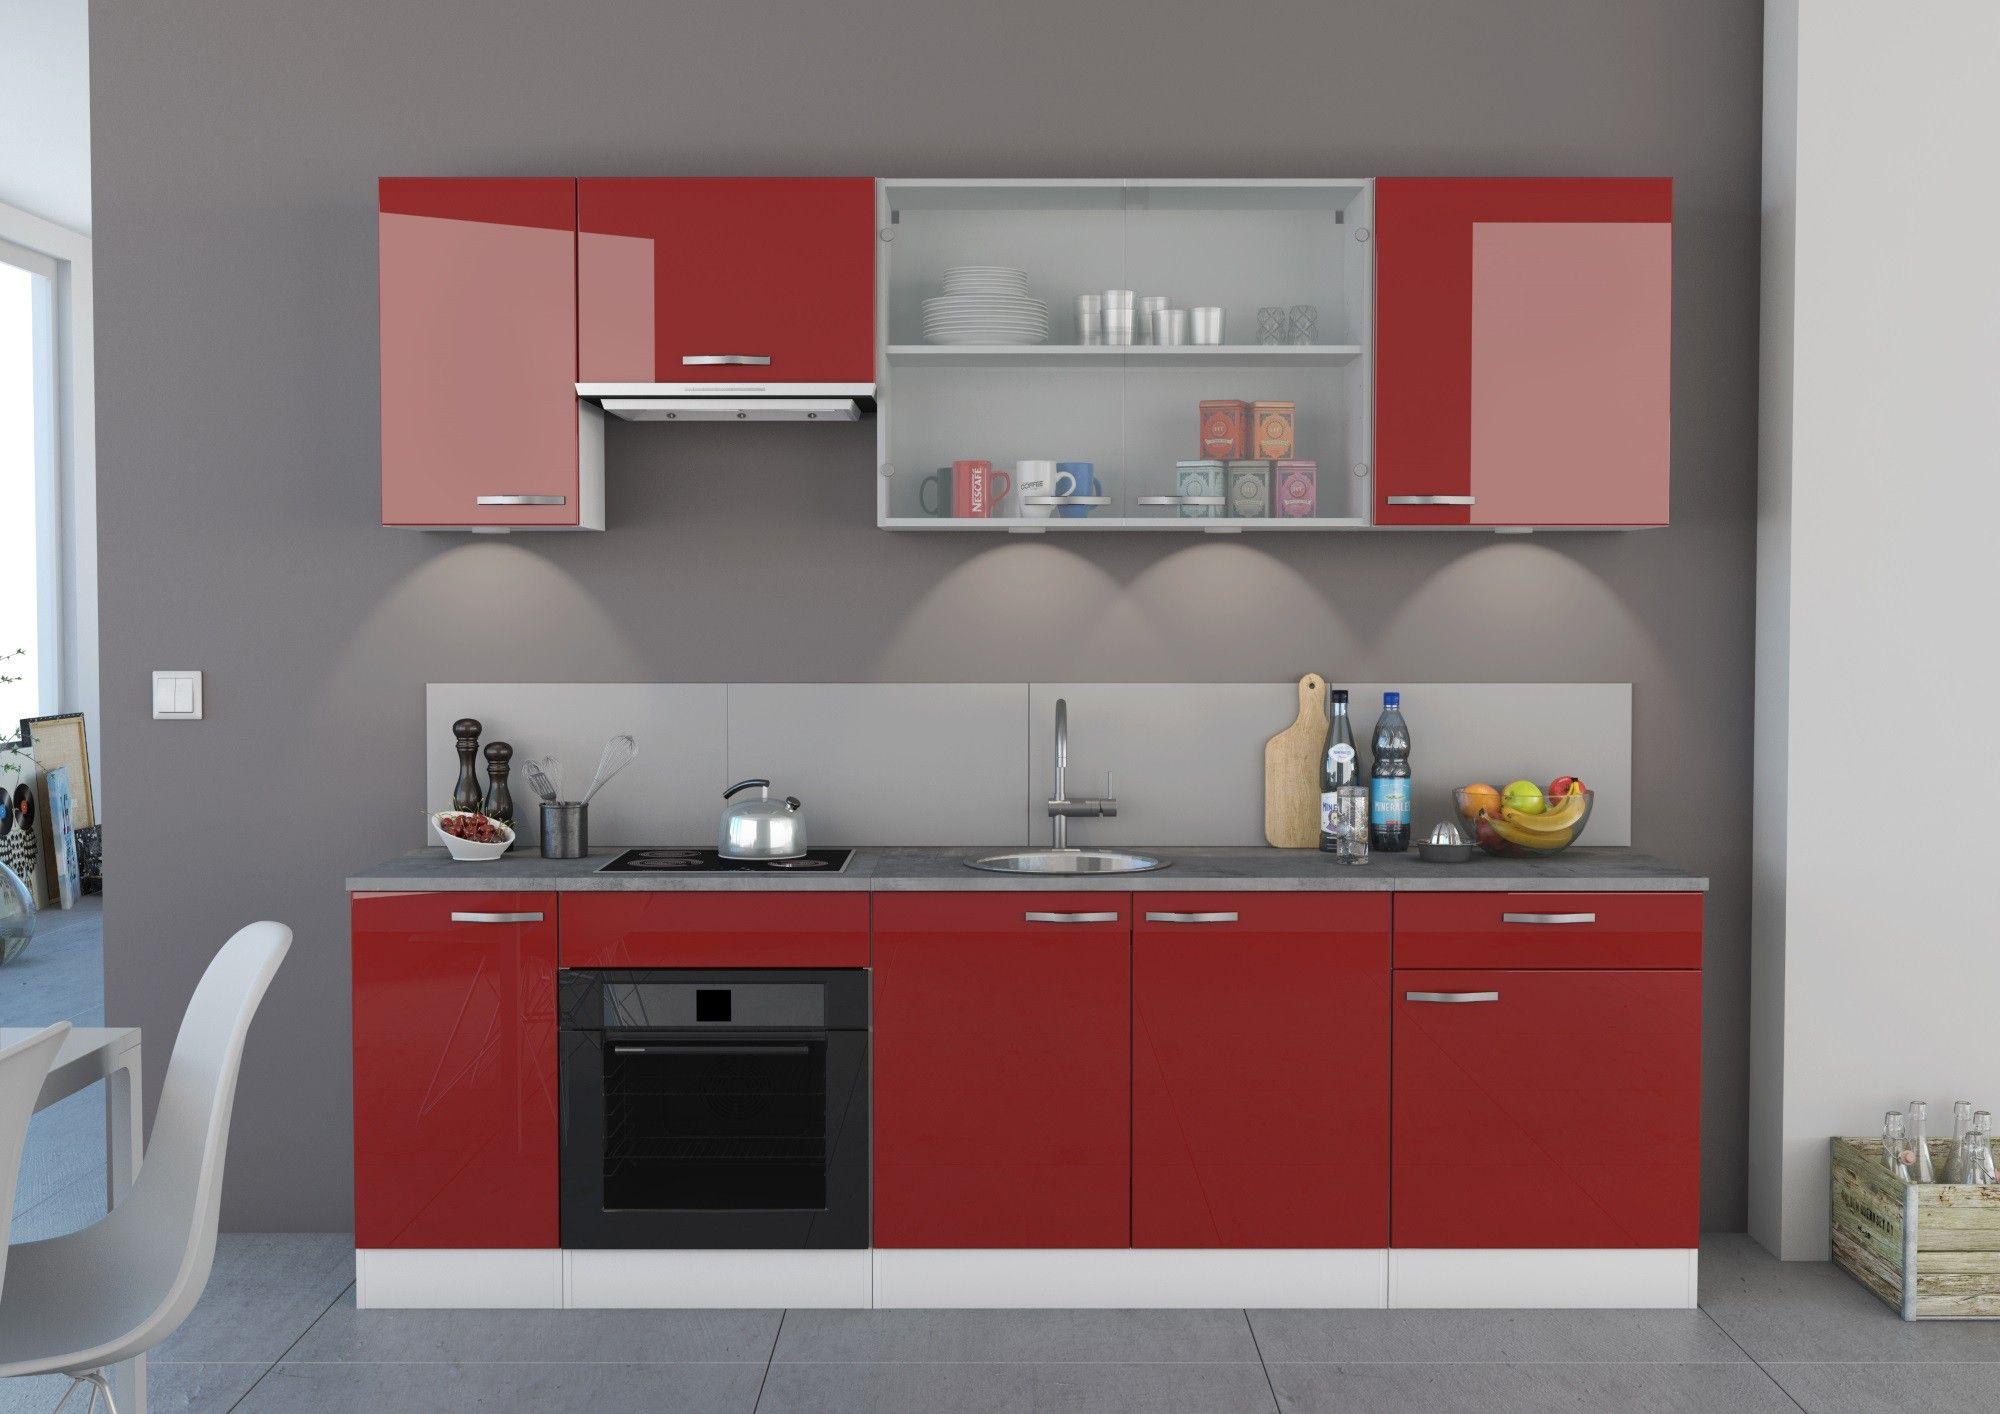 Meuble bas de cuisine contemporain 12 portes blanc mat/rouge